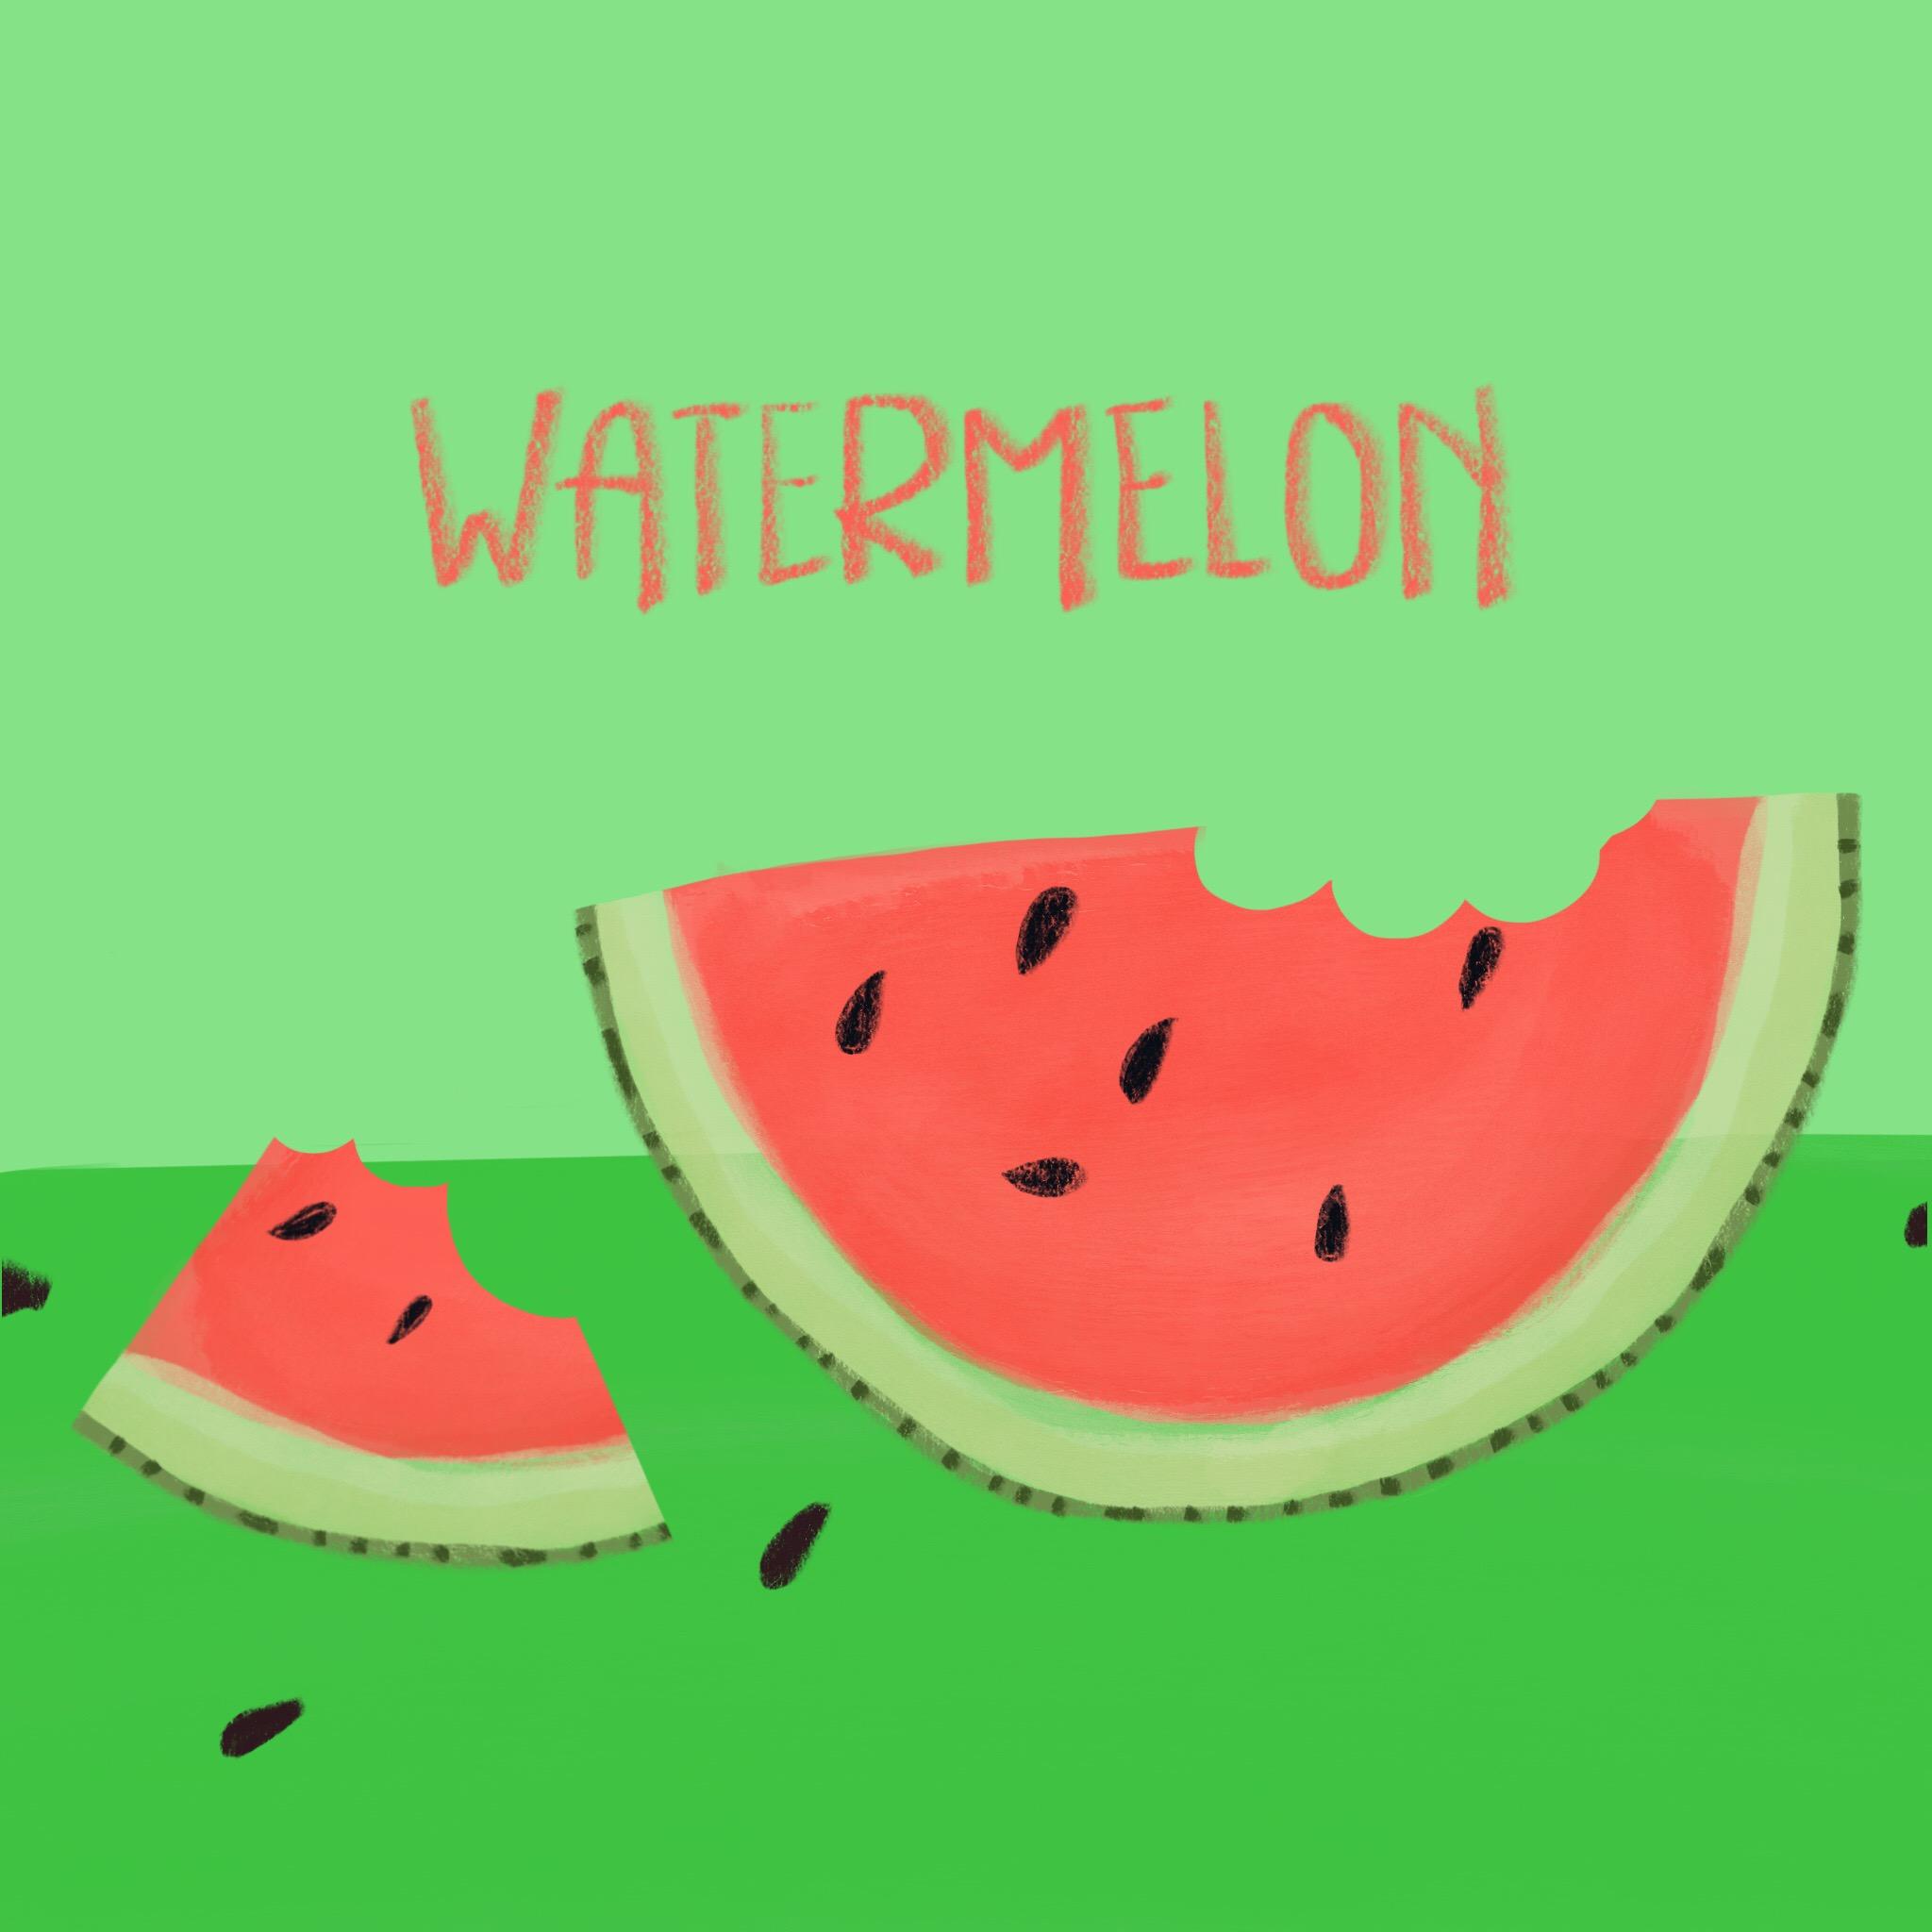 5_-_Watermelon.jpg